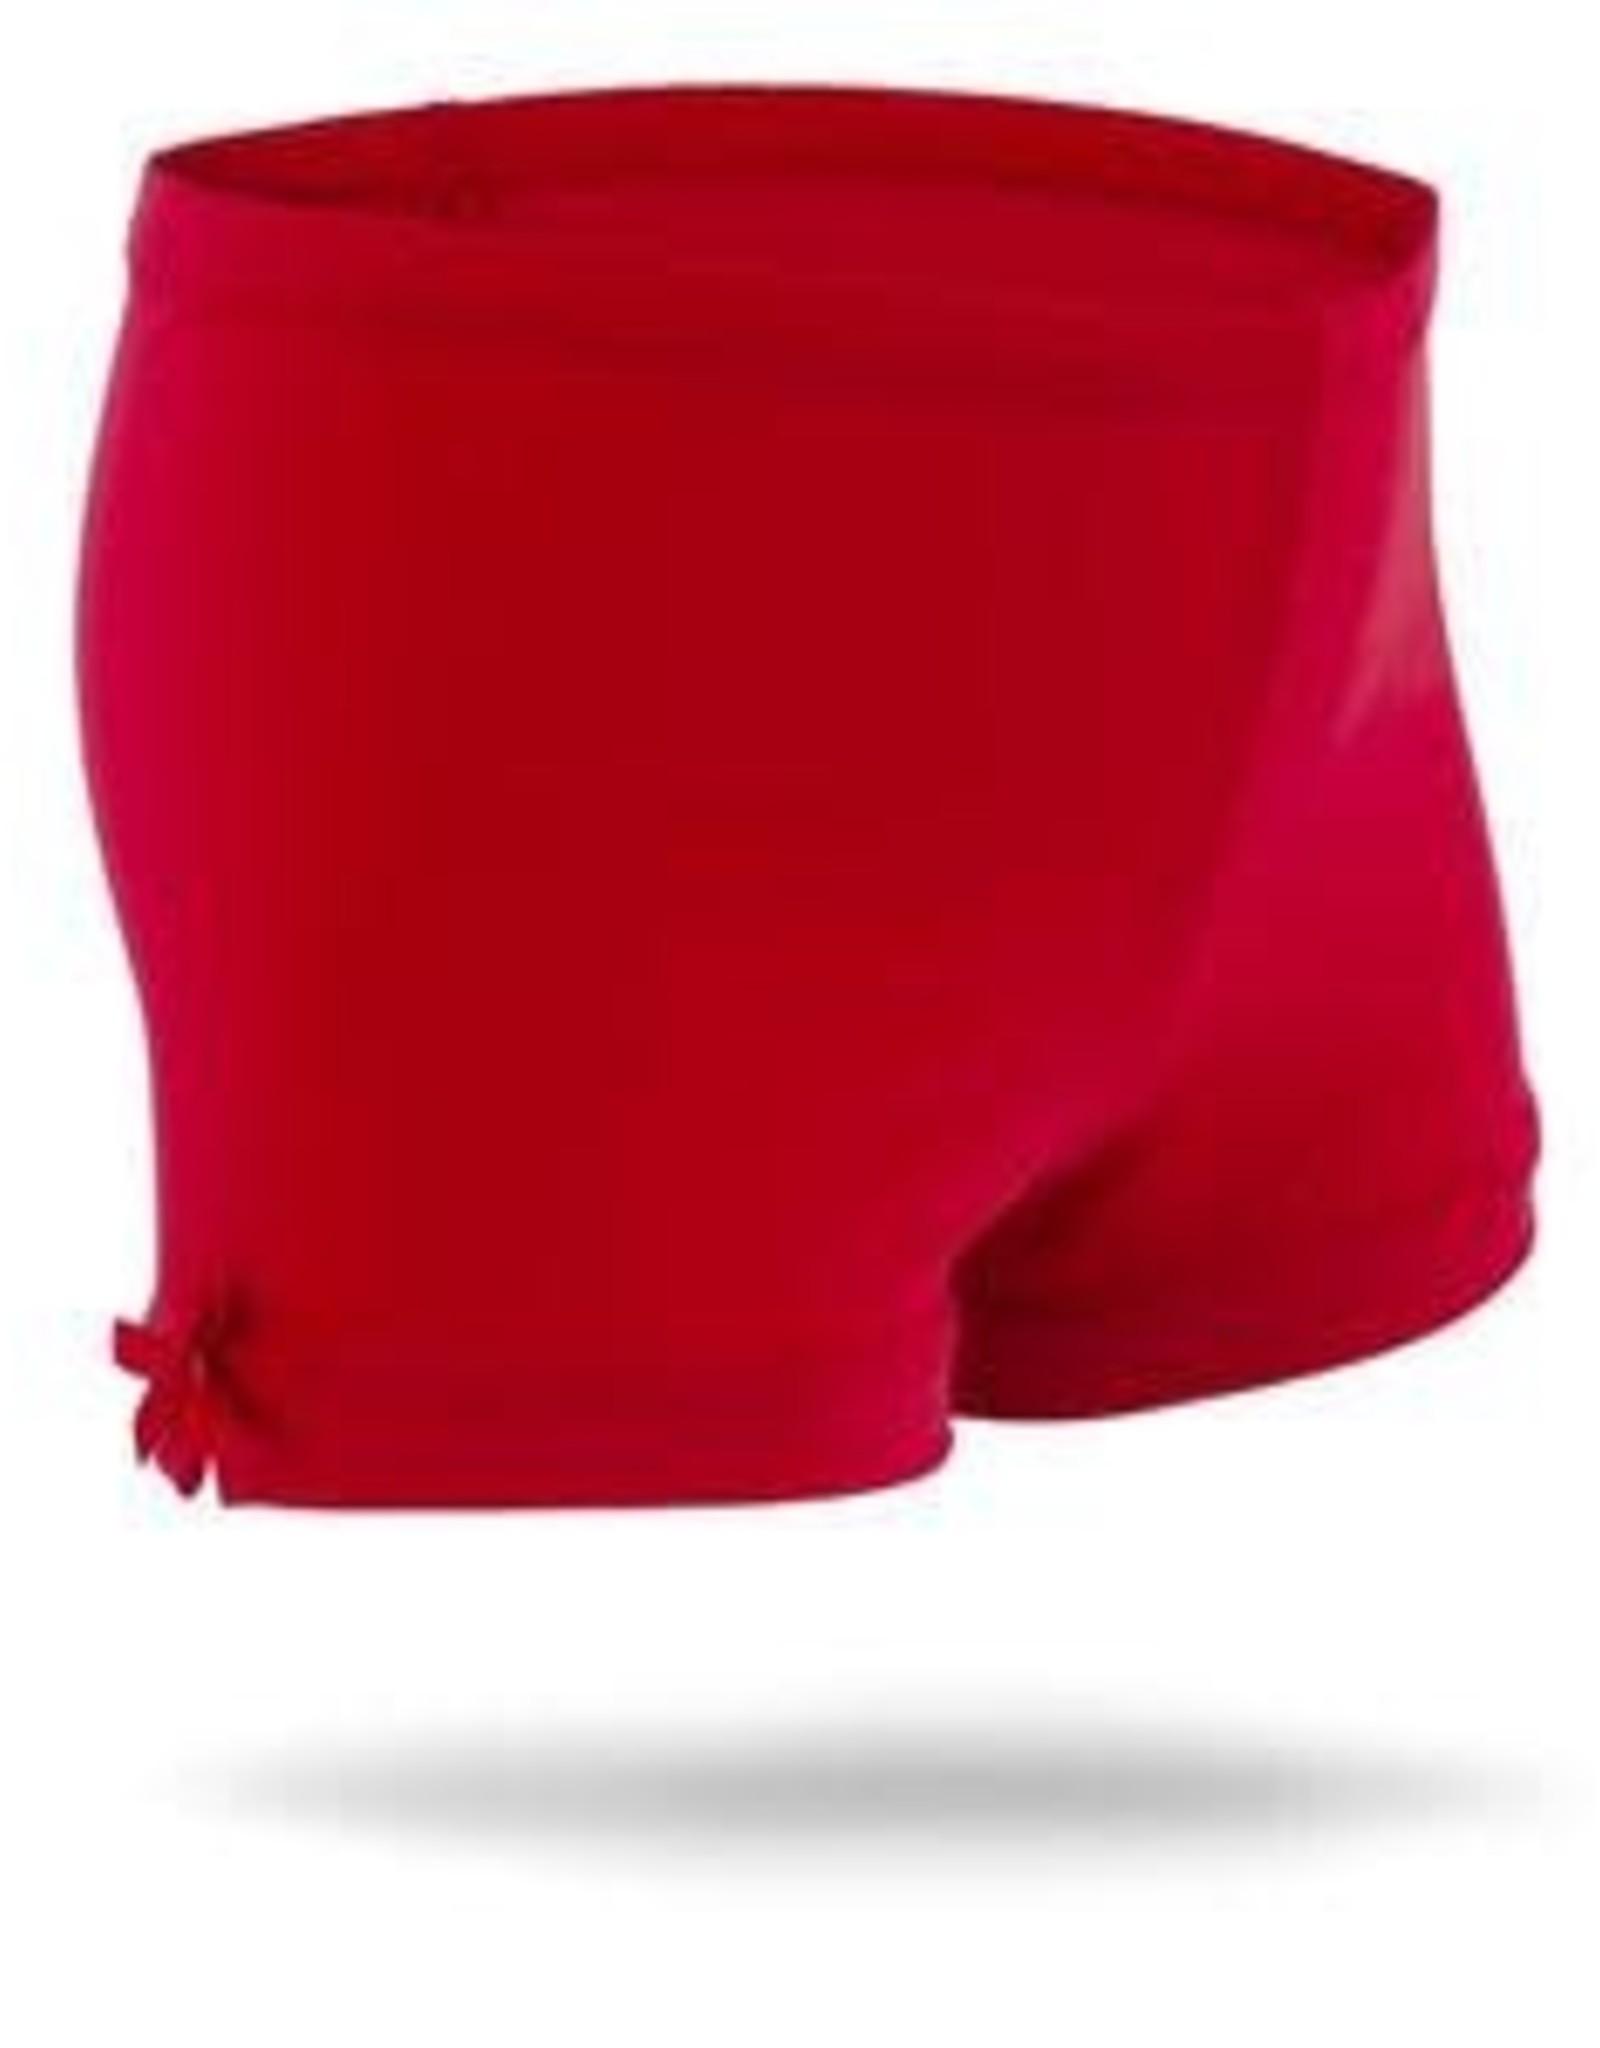 Monkeybar Buddies shorts- red